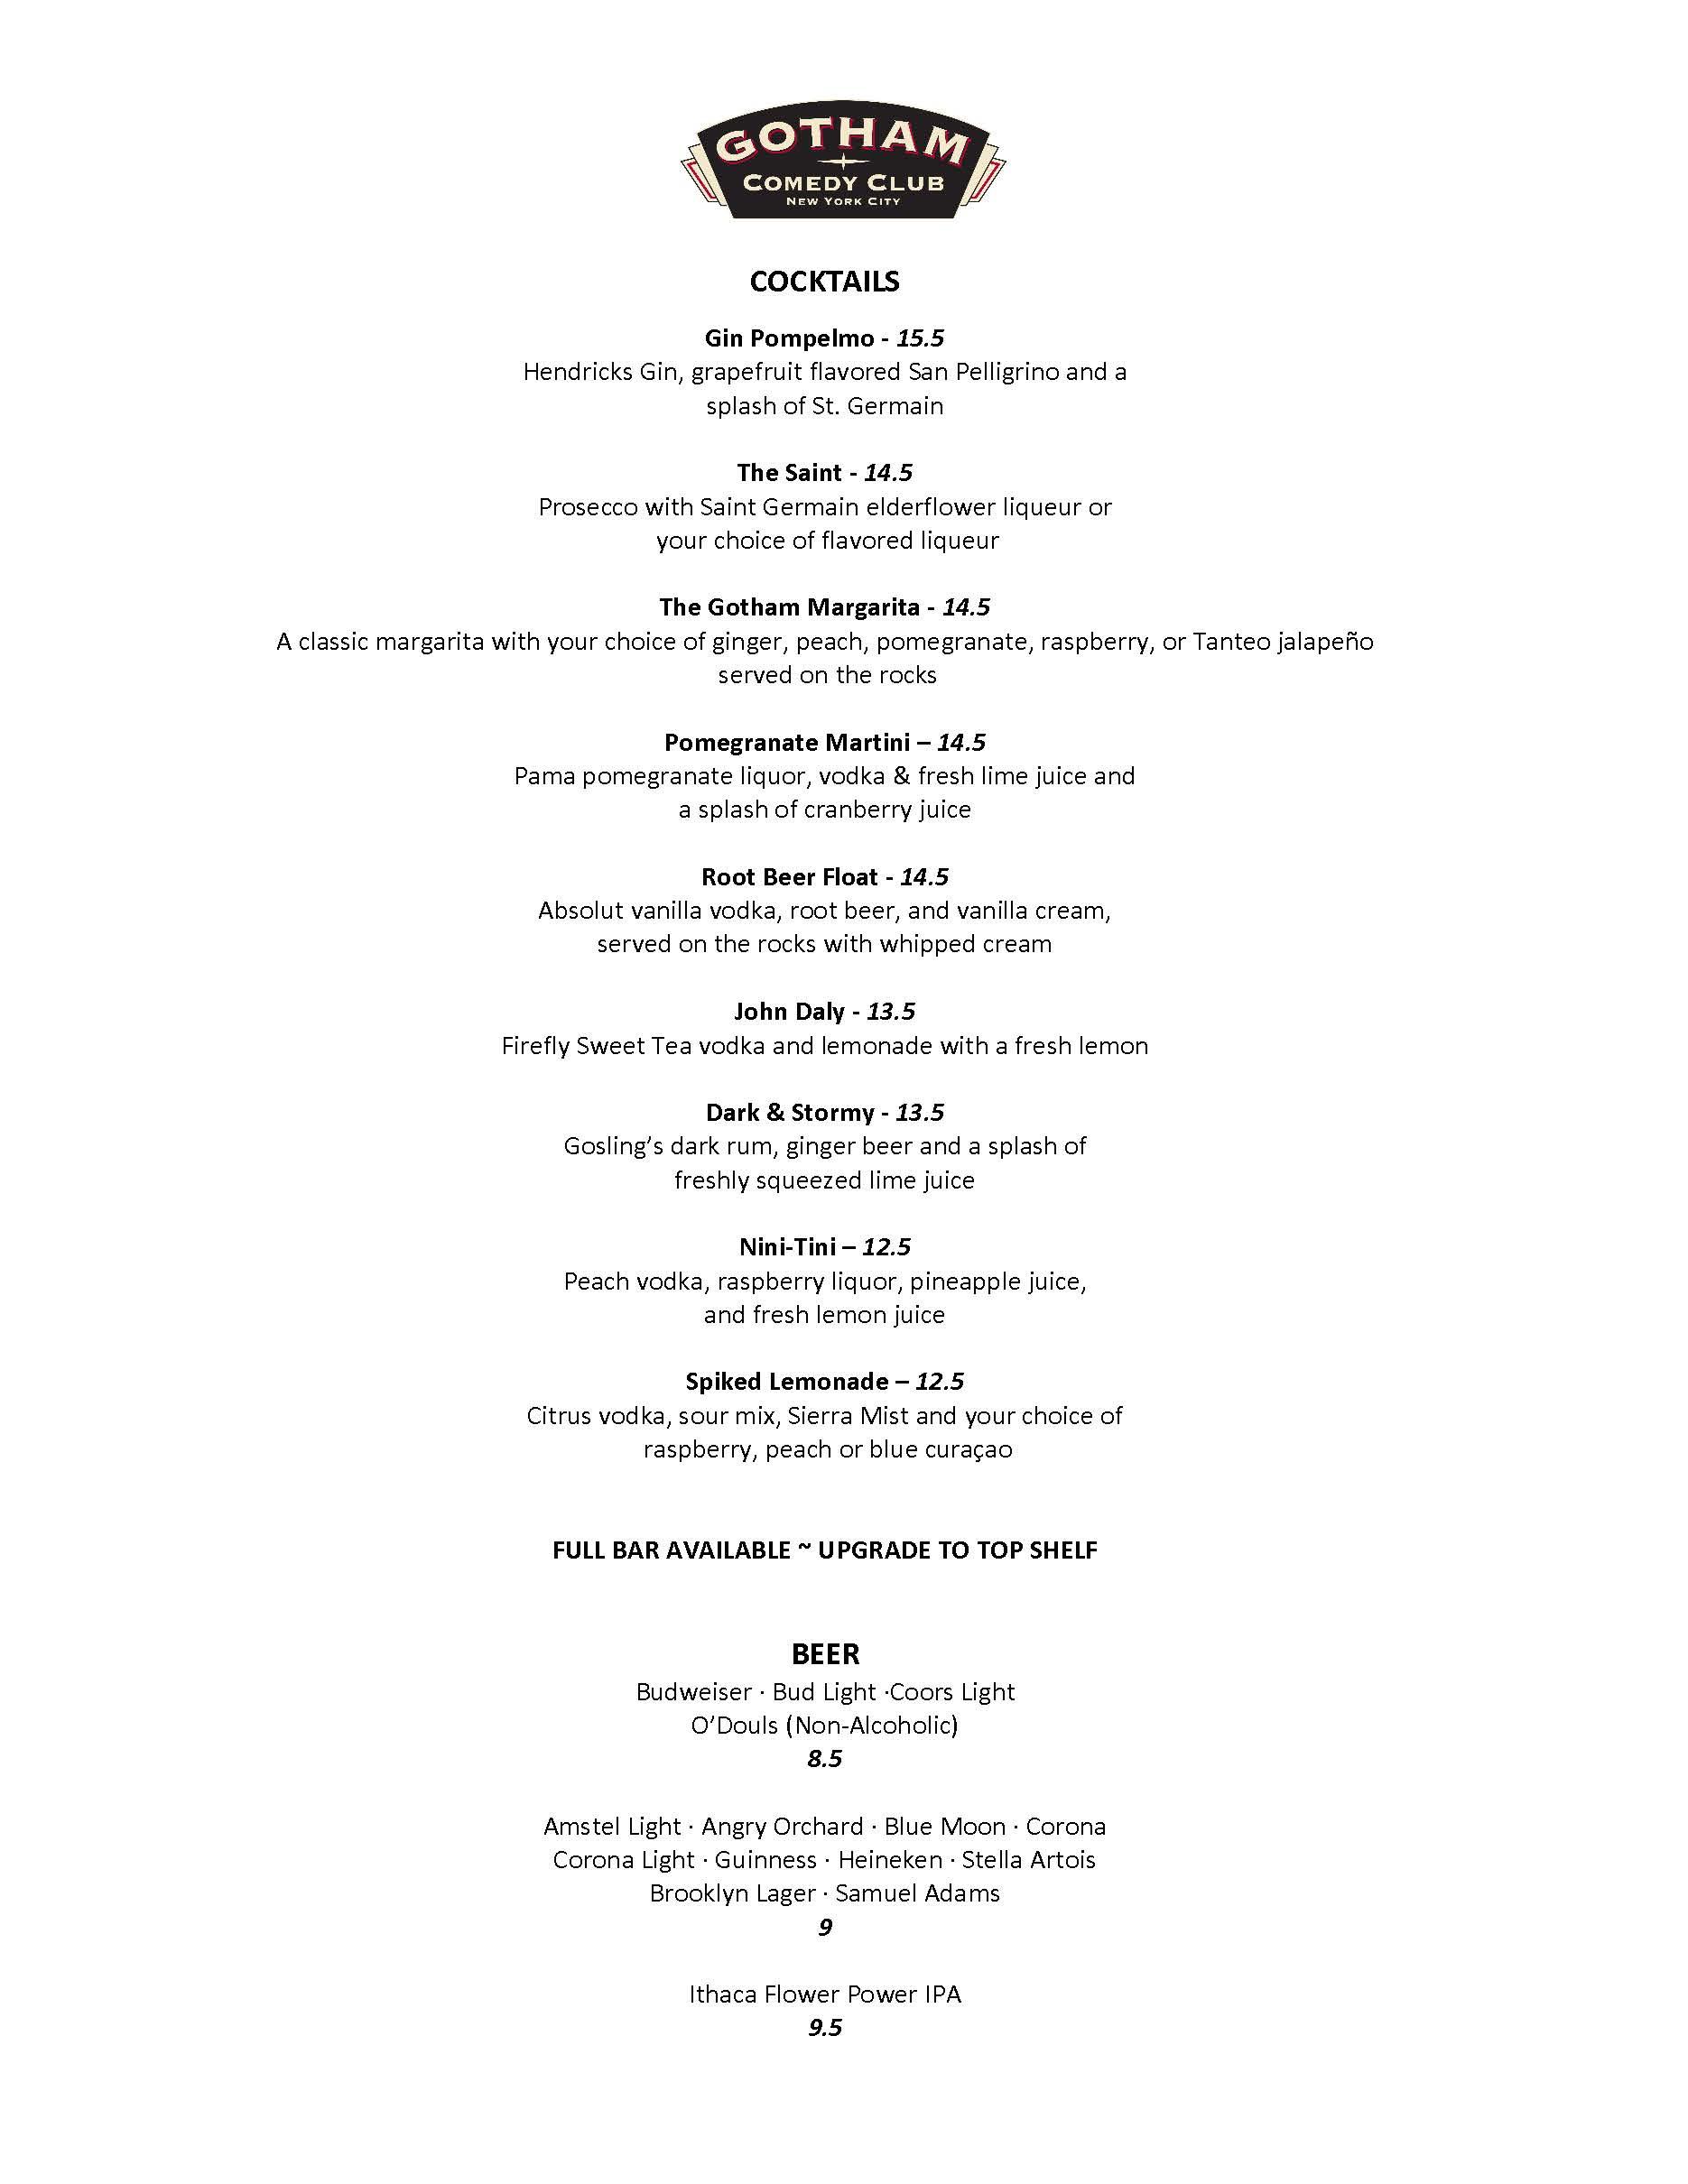 Gotham menu